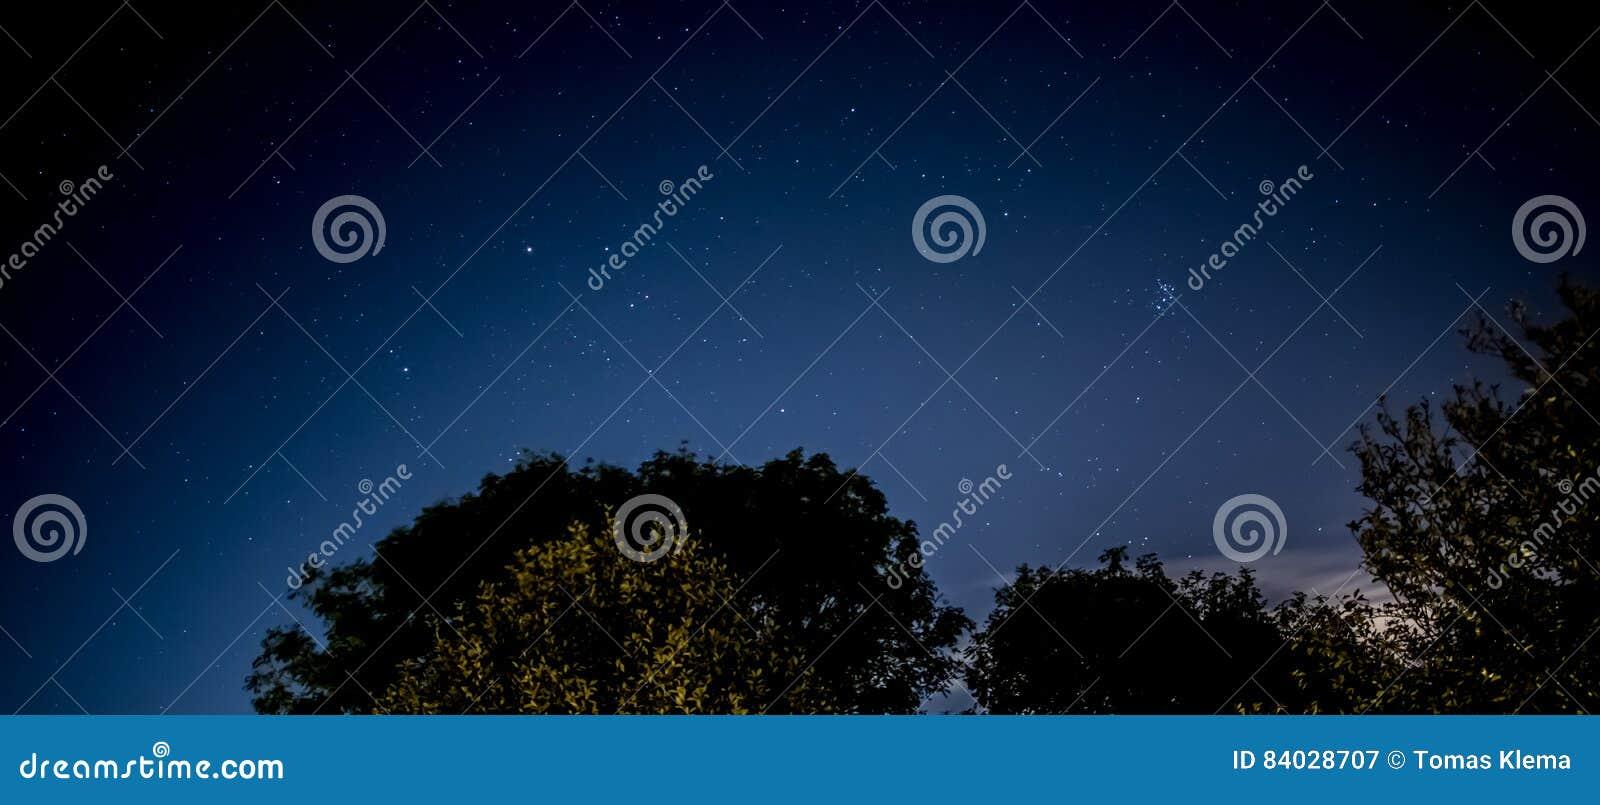 Night sky with city glow